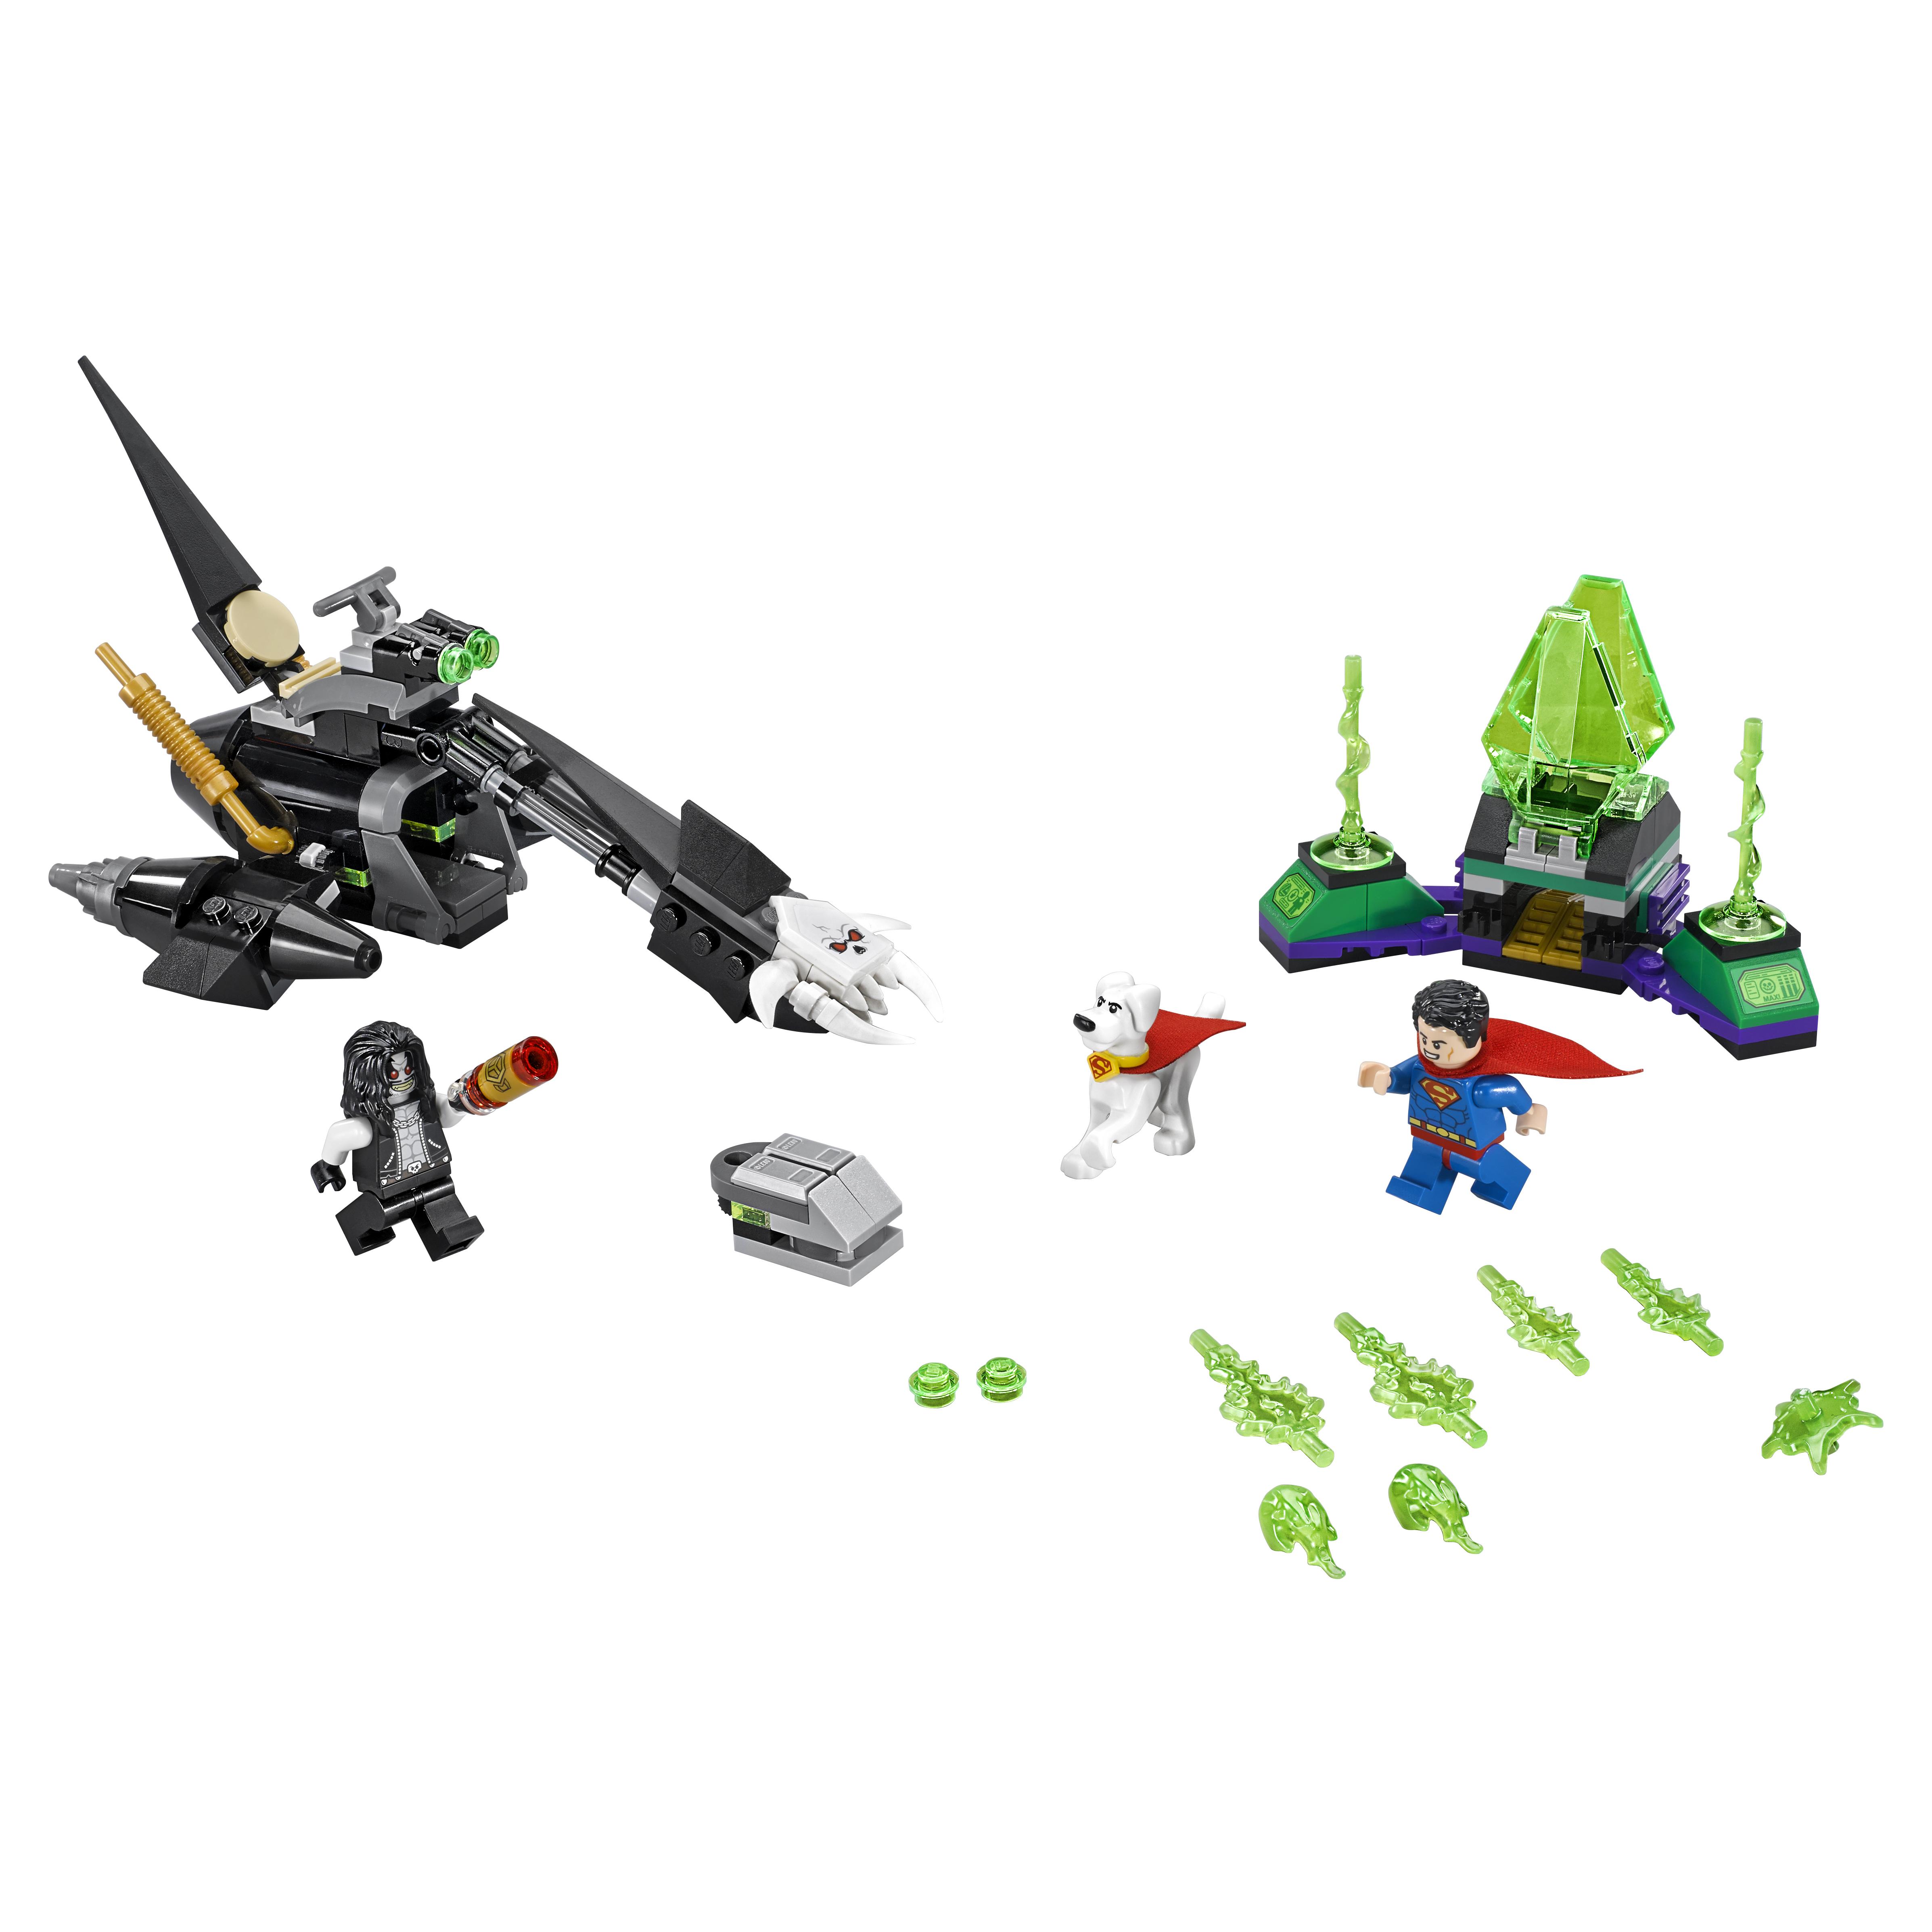 Купить Конструктор lego super heroes супермен и крипто объединяют усилия (76096), Конструктор LEGO Super Heroes Супермен и Крипто объединяют усилия (76096)